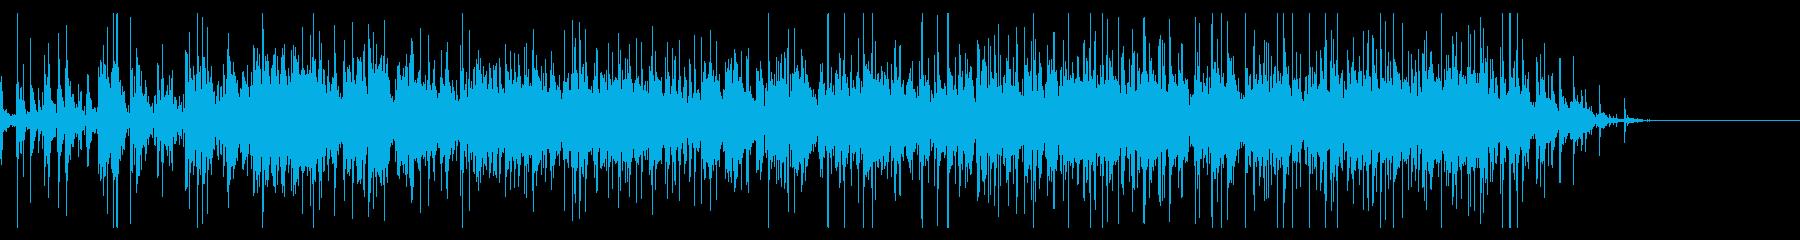 【生録音】グラスに飲み物を注ぐ音 1の再生済みの波形